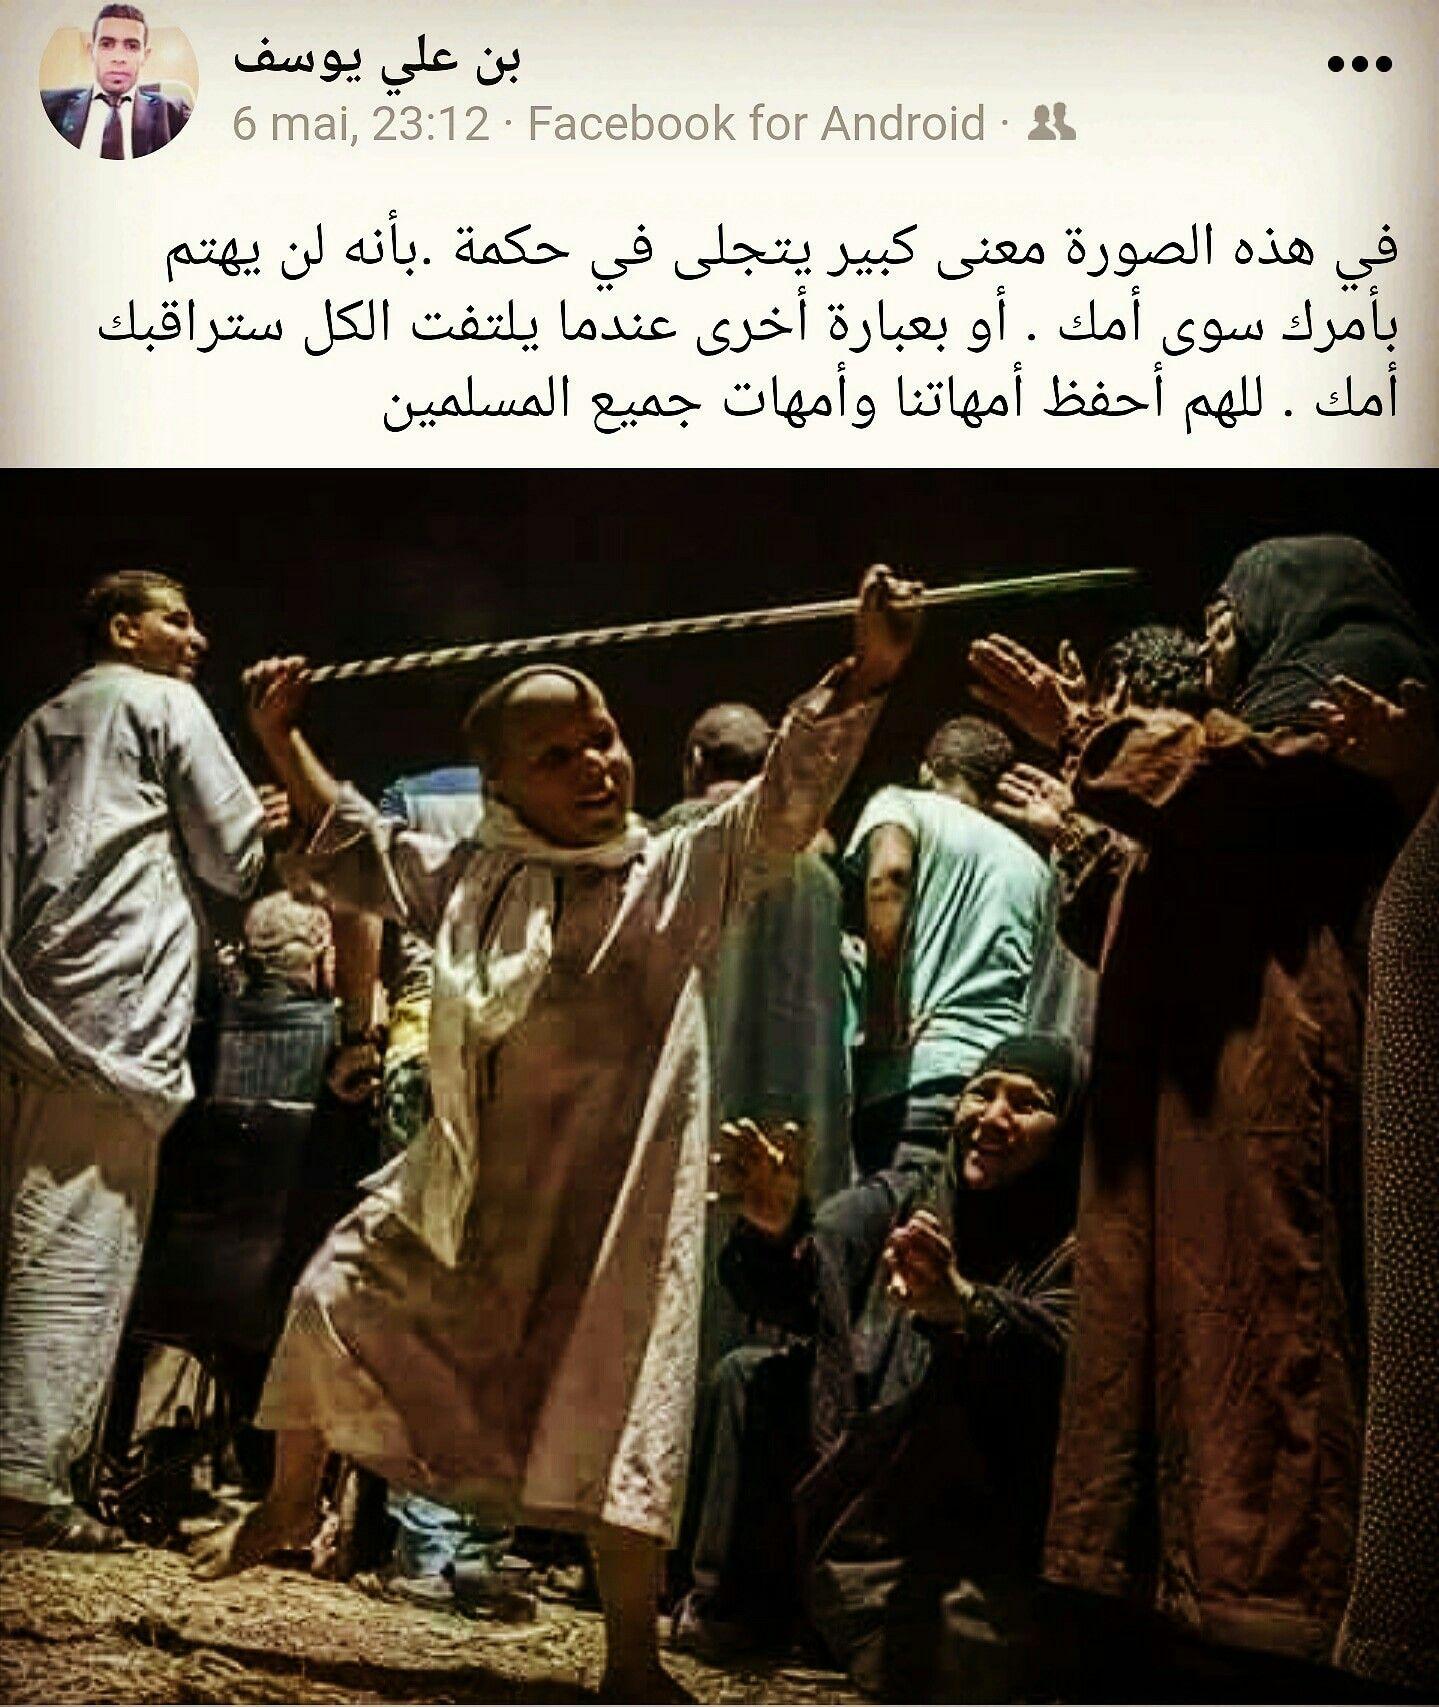 الترند الاول في الجزائر اليوم هو مراد مدلسي يمكنكم متابعة هاشتاجات اخري Halamadrid تونس المغرب Tunisie Morocco ليبيا تاب Poster Movie Posters Movies